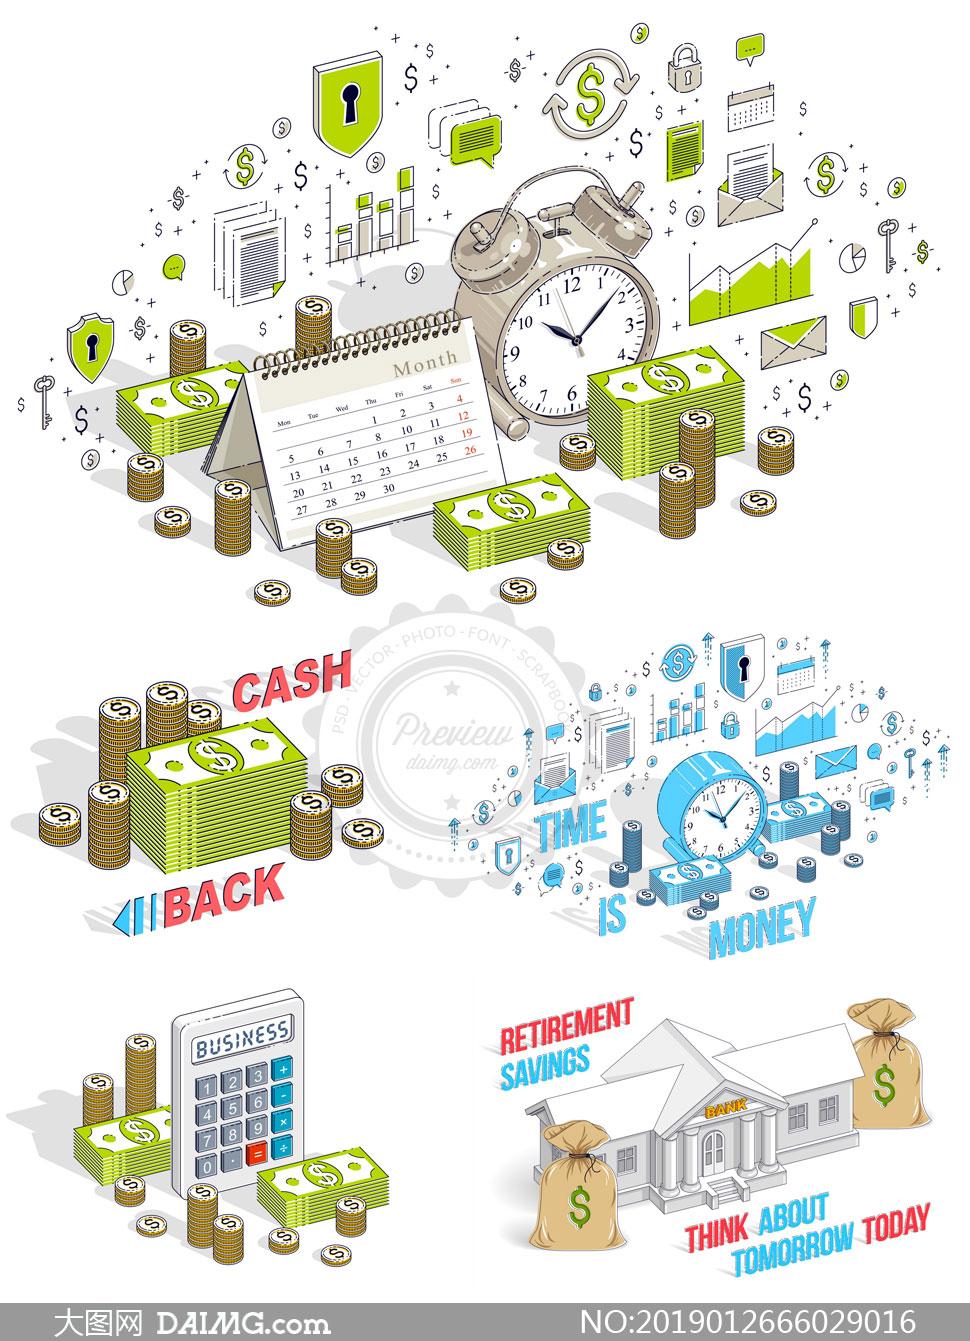 闹钟与钱袋等元素税务主题矢量素材